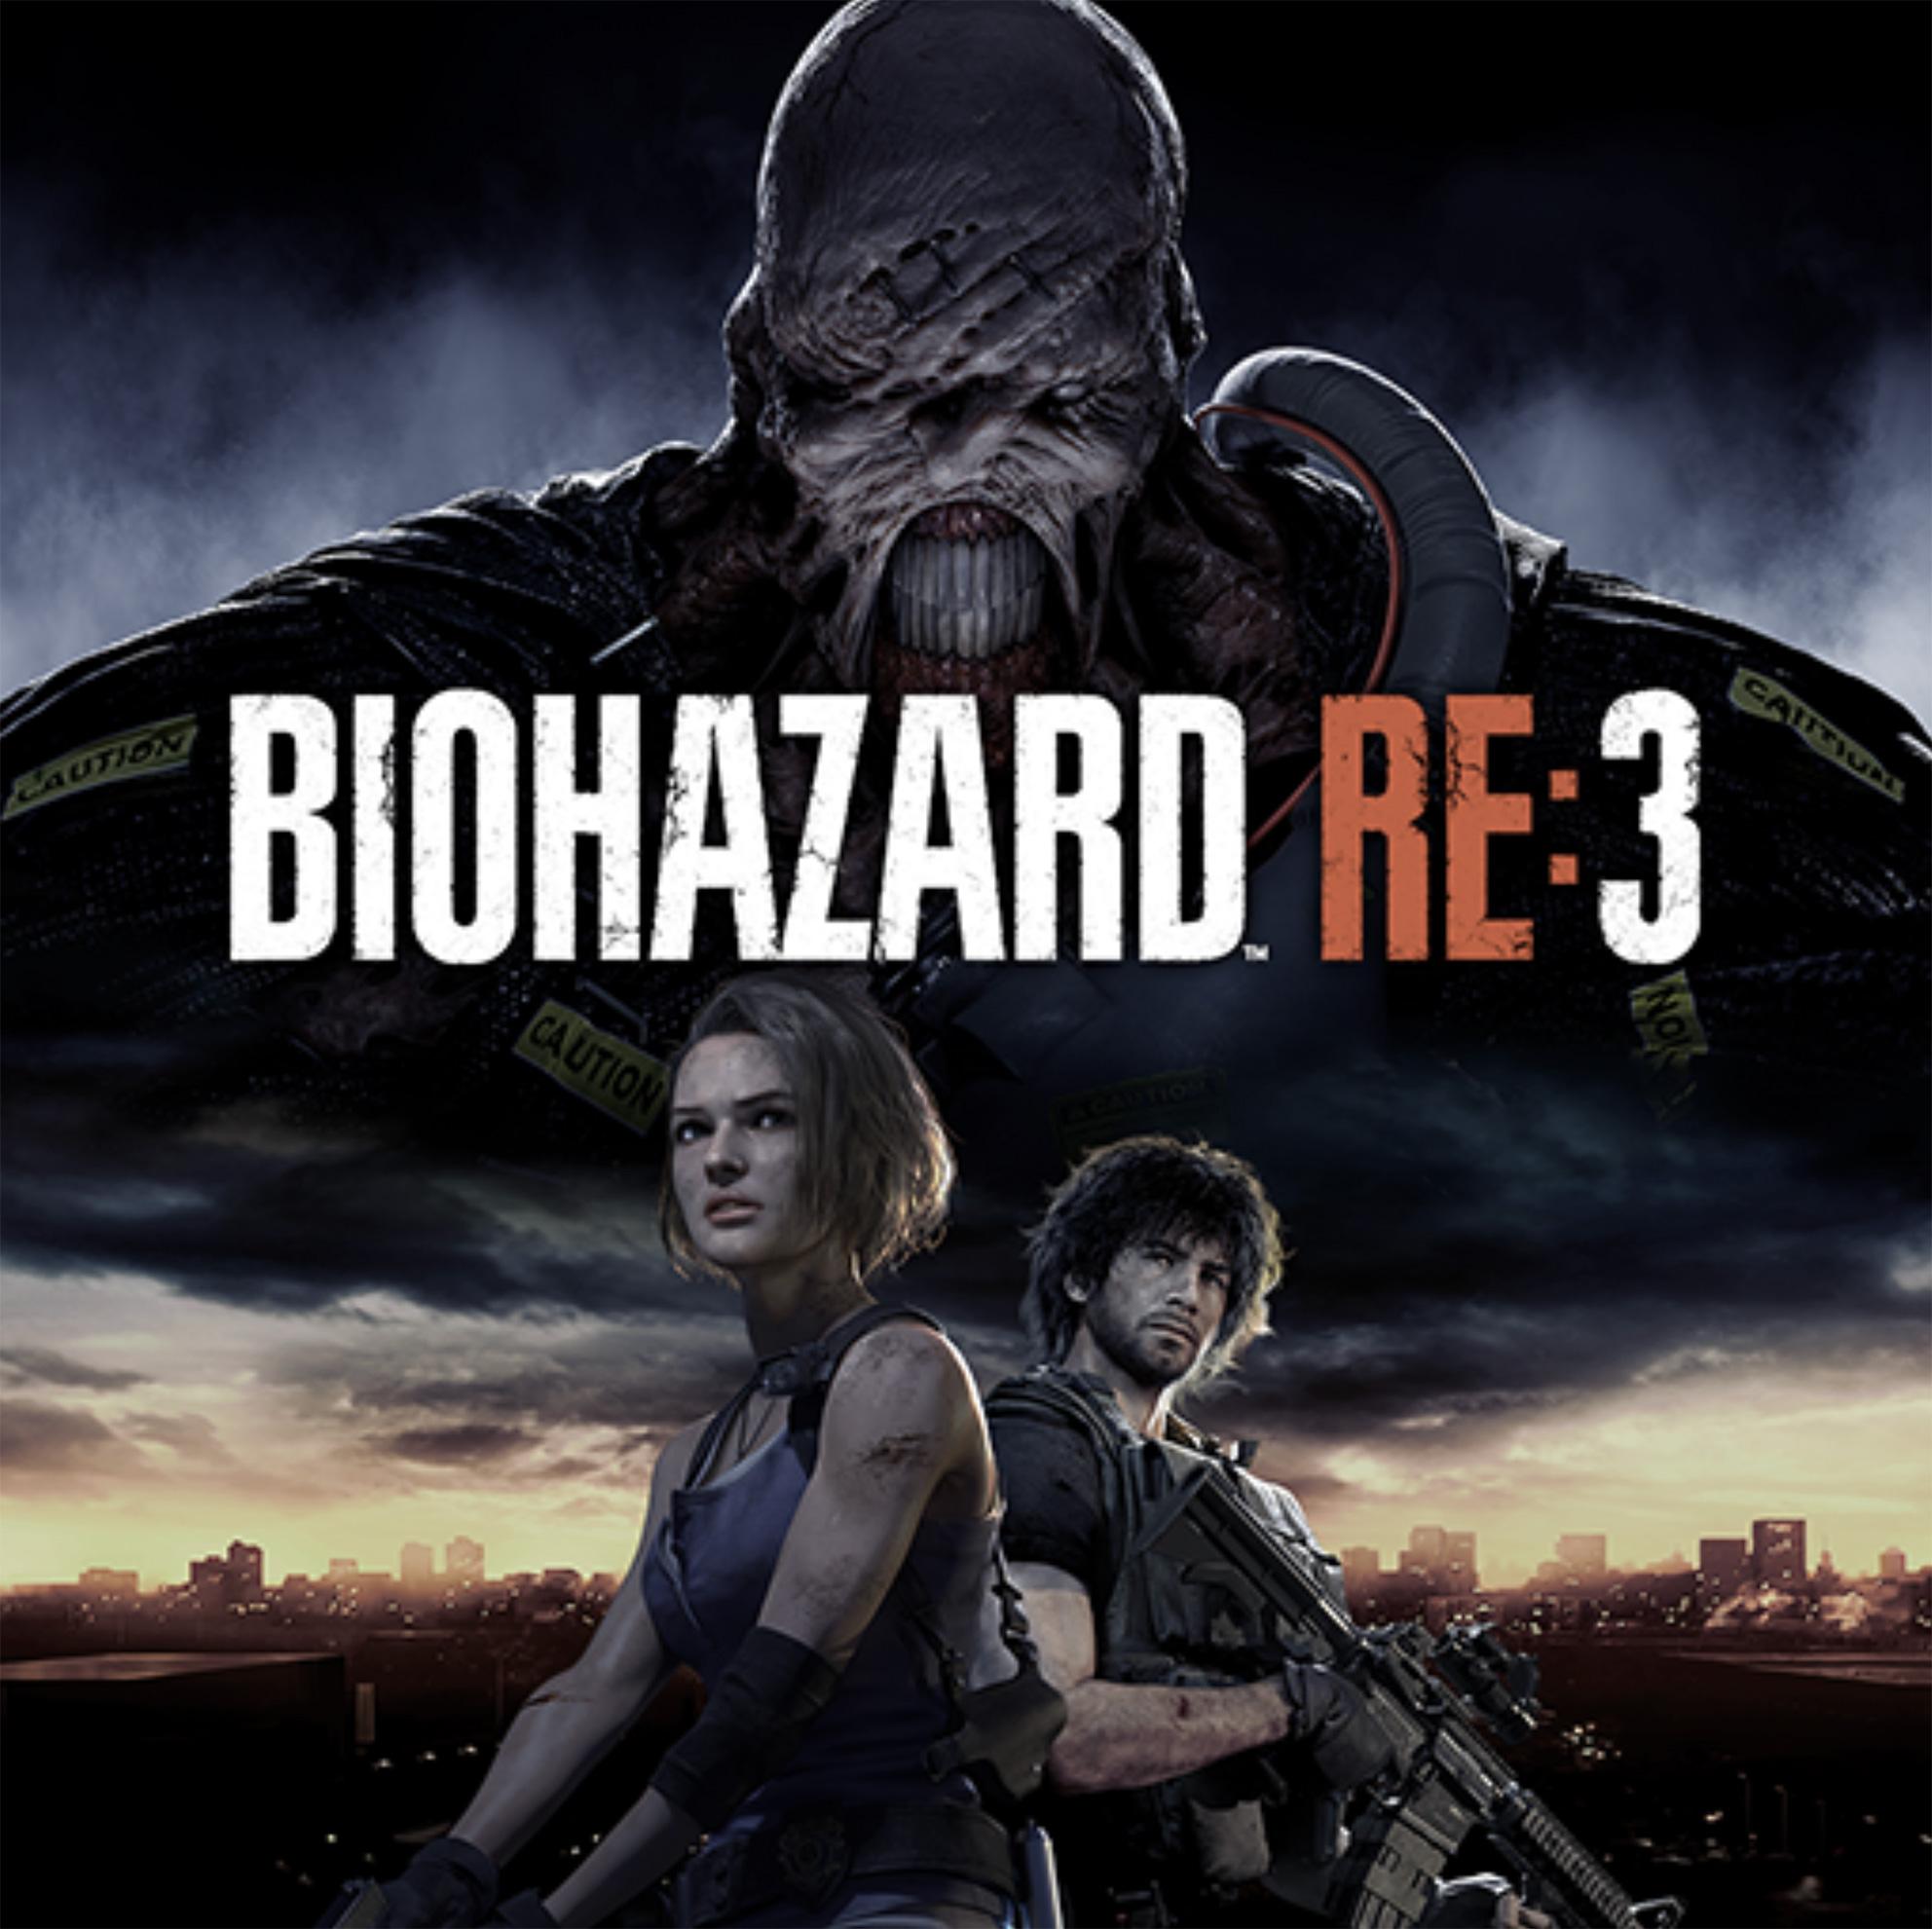 """Dieses Bild ist kurz im PlayStation-Store aufgetaucht und scheint - entweder beabsichtigt oder zufällig - auf die bald bevorstehende Veröffentlichung eines """"Resident Evil 3""""-Remakes hinzudeuten."""